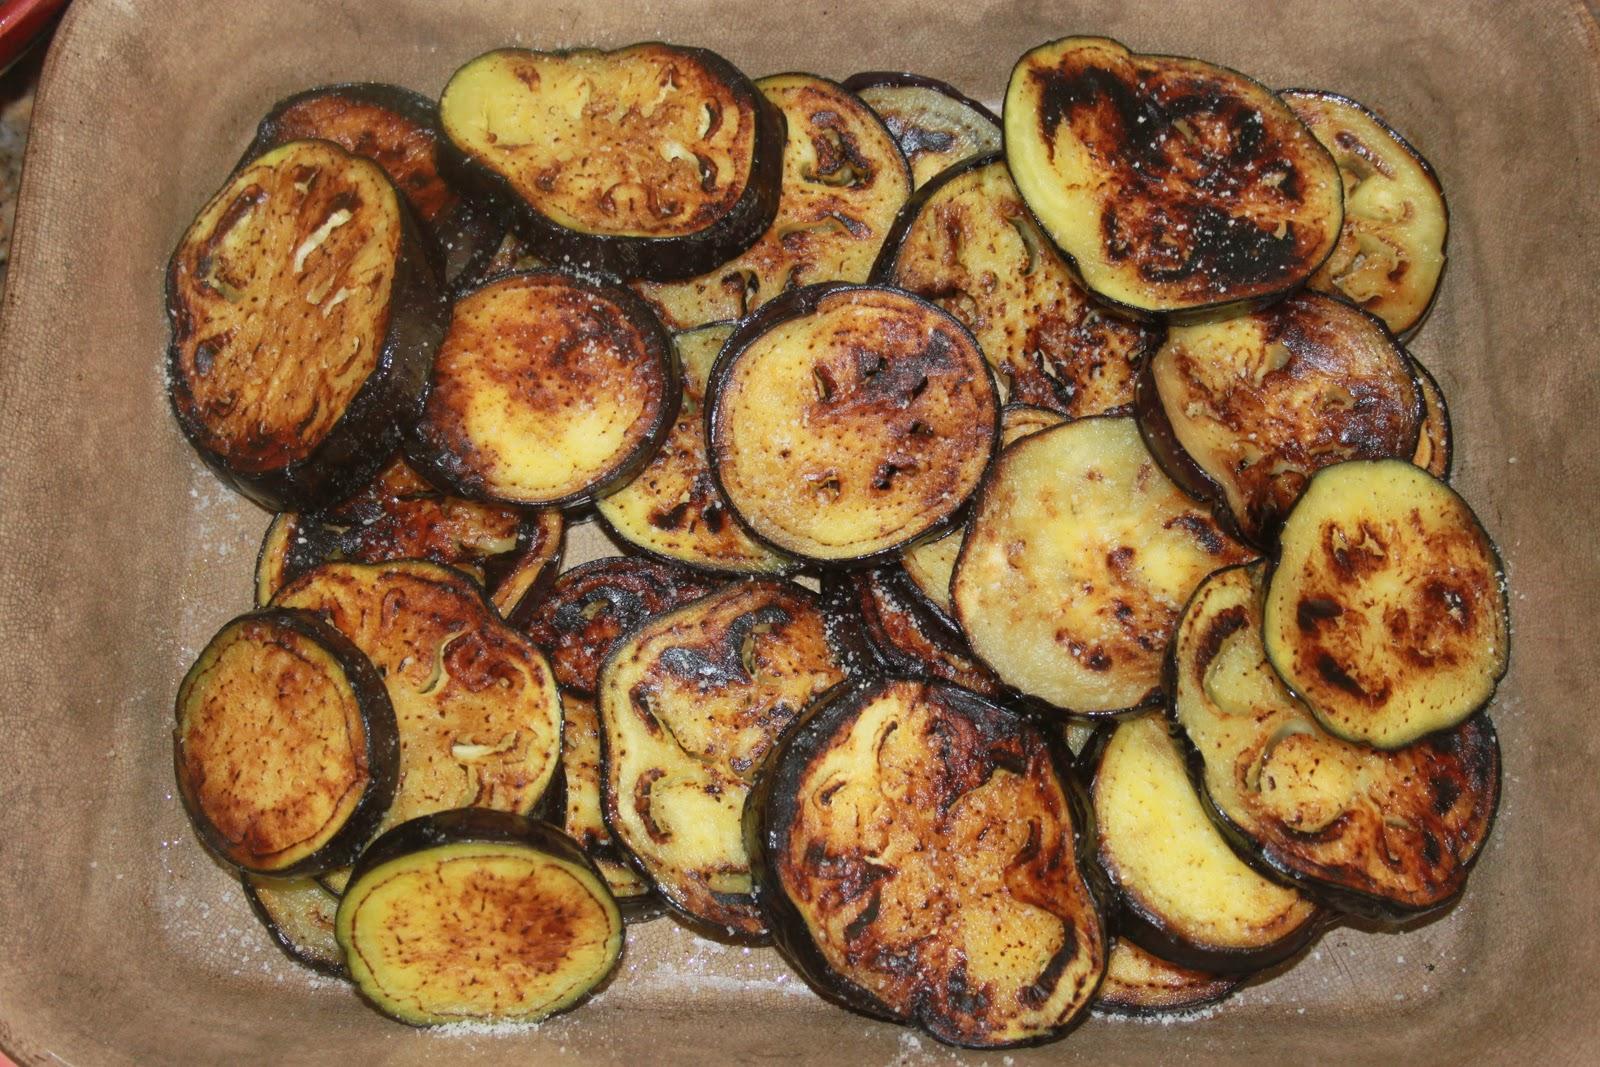 Recette d aubergine grillee au four un site culinaire populaire avec des recettes utiles - Cuisiner des aubergines au four ...